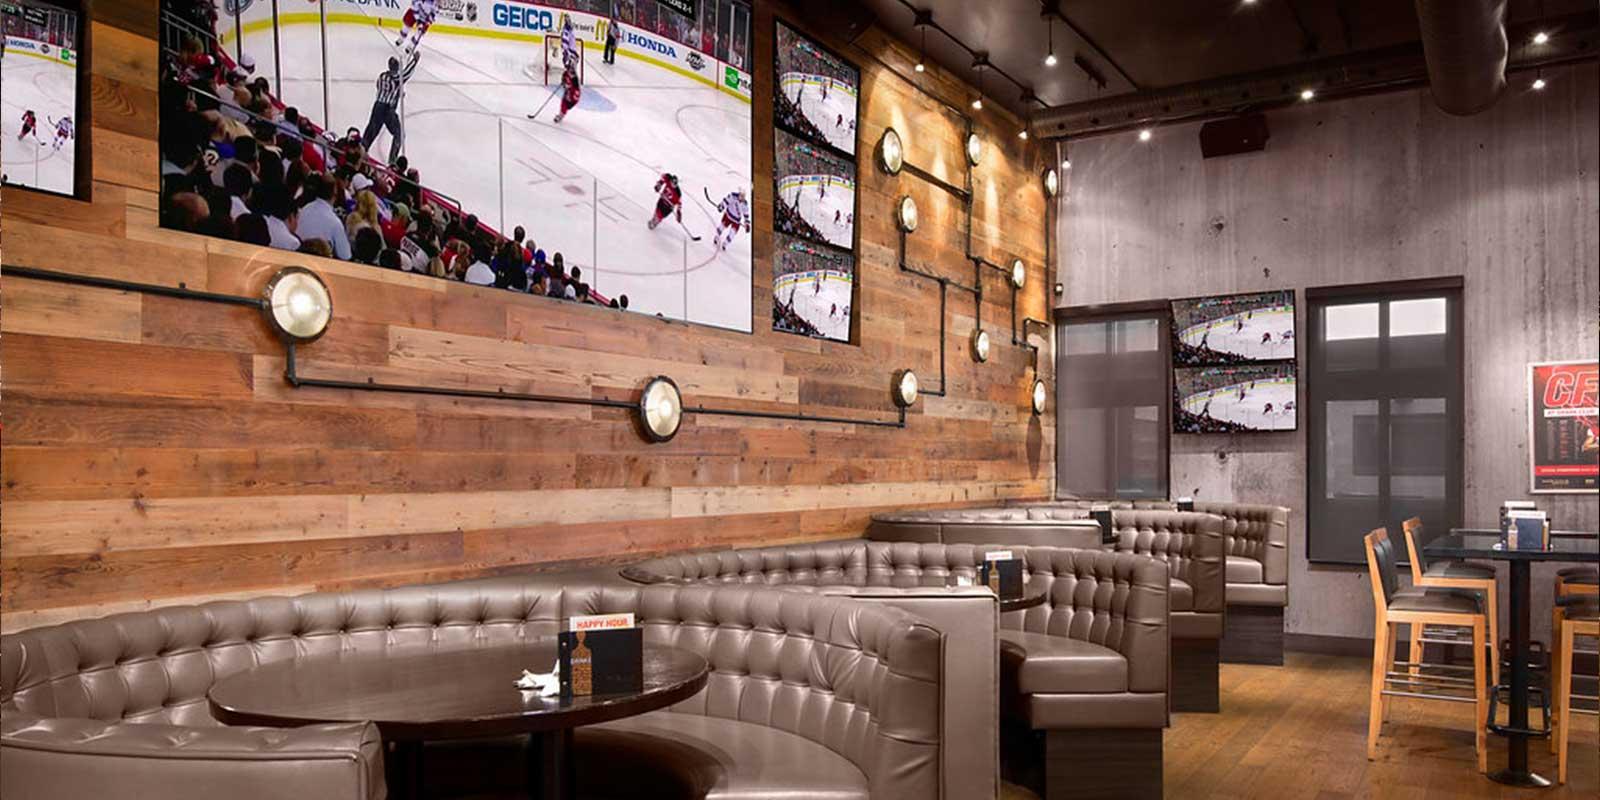 Shark Club Sports Bar & Grill - Calgary North